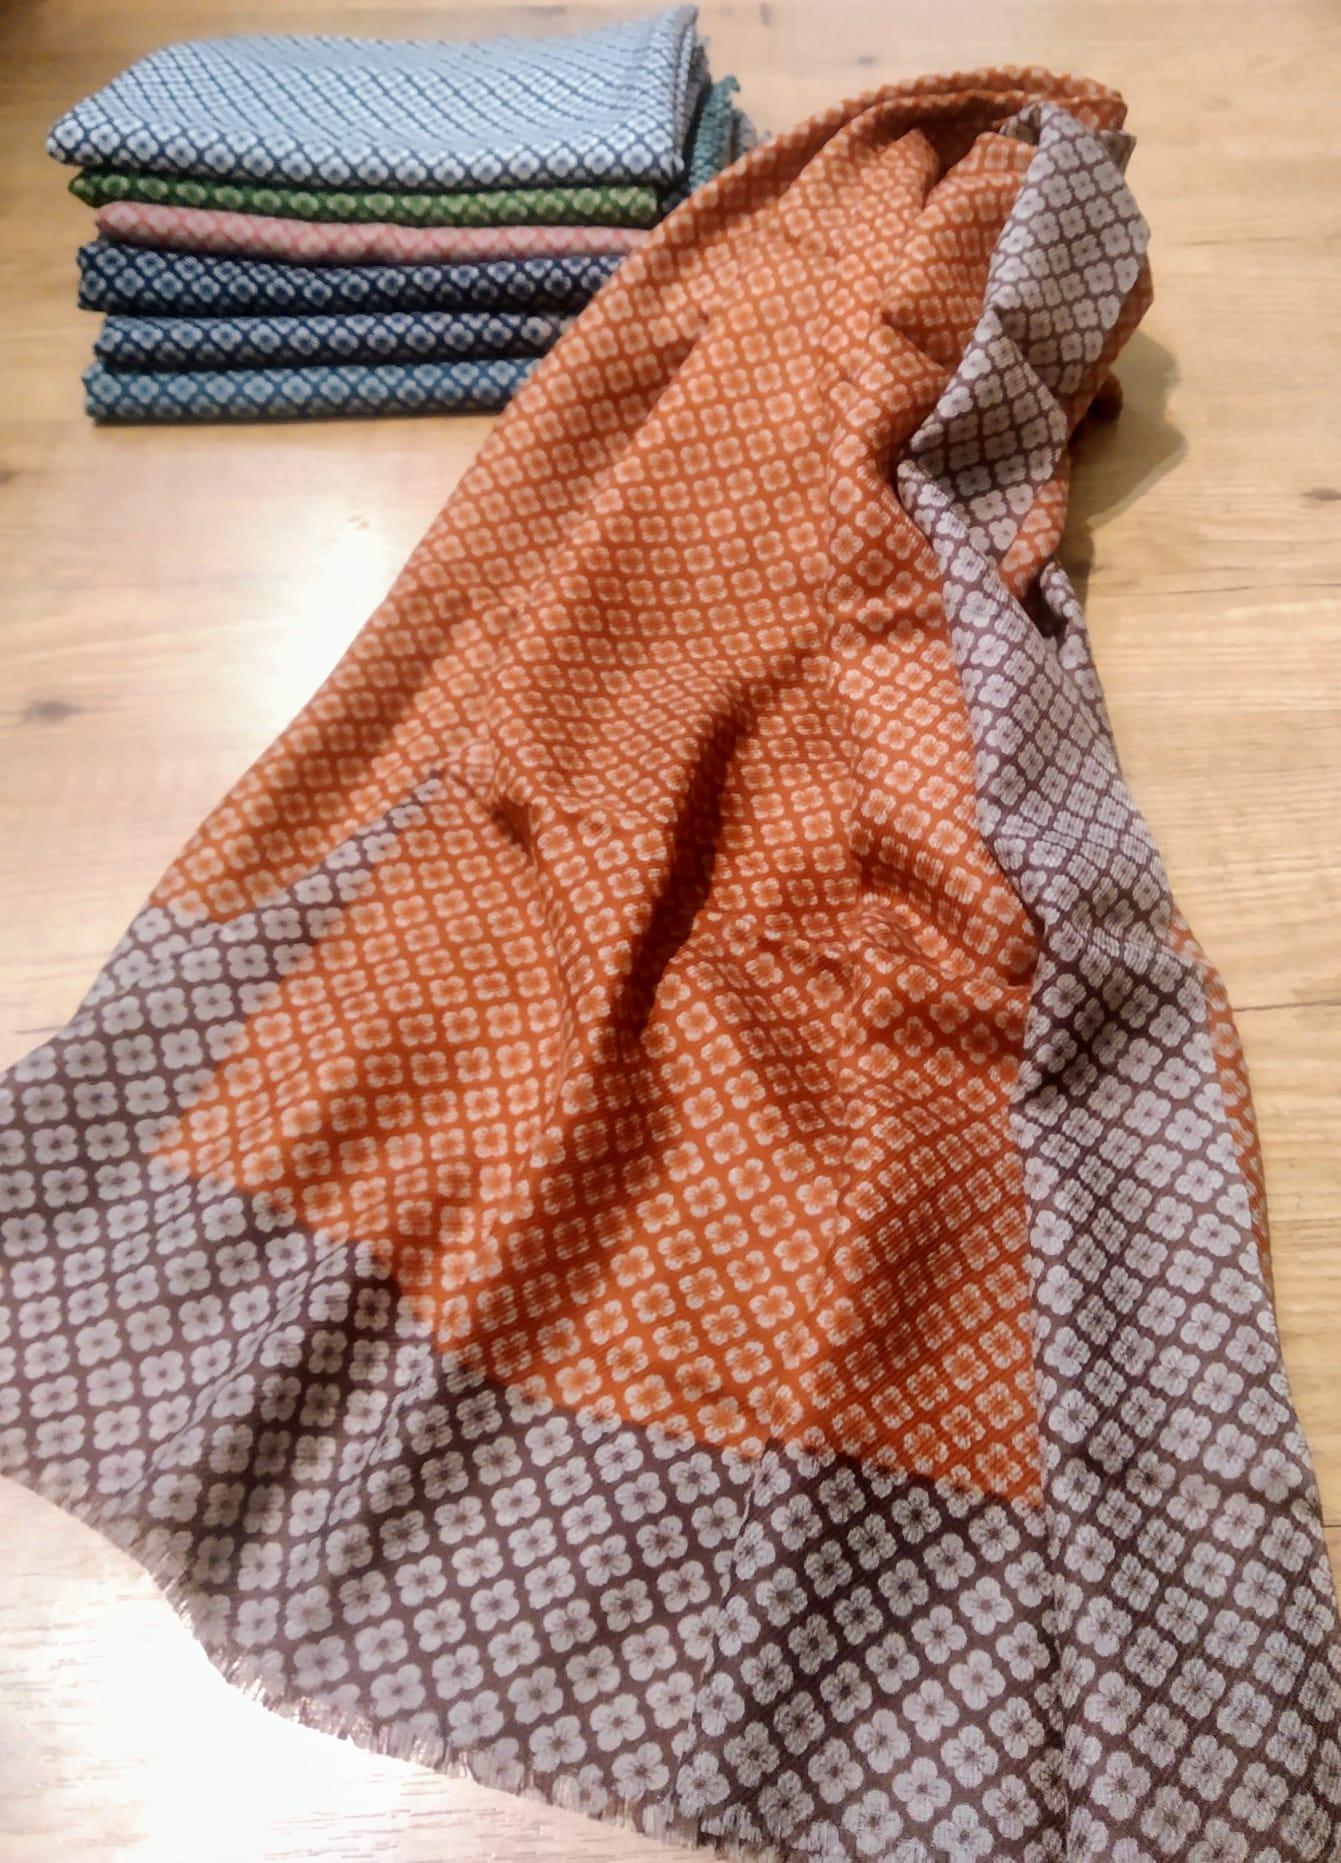 sciarpa da vecchi sari indiani pezzi unici 32euro